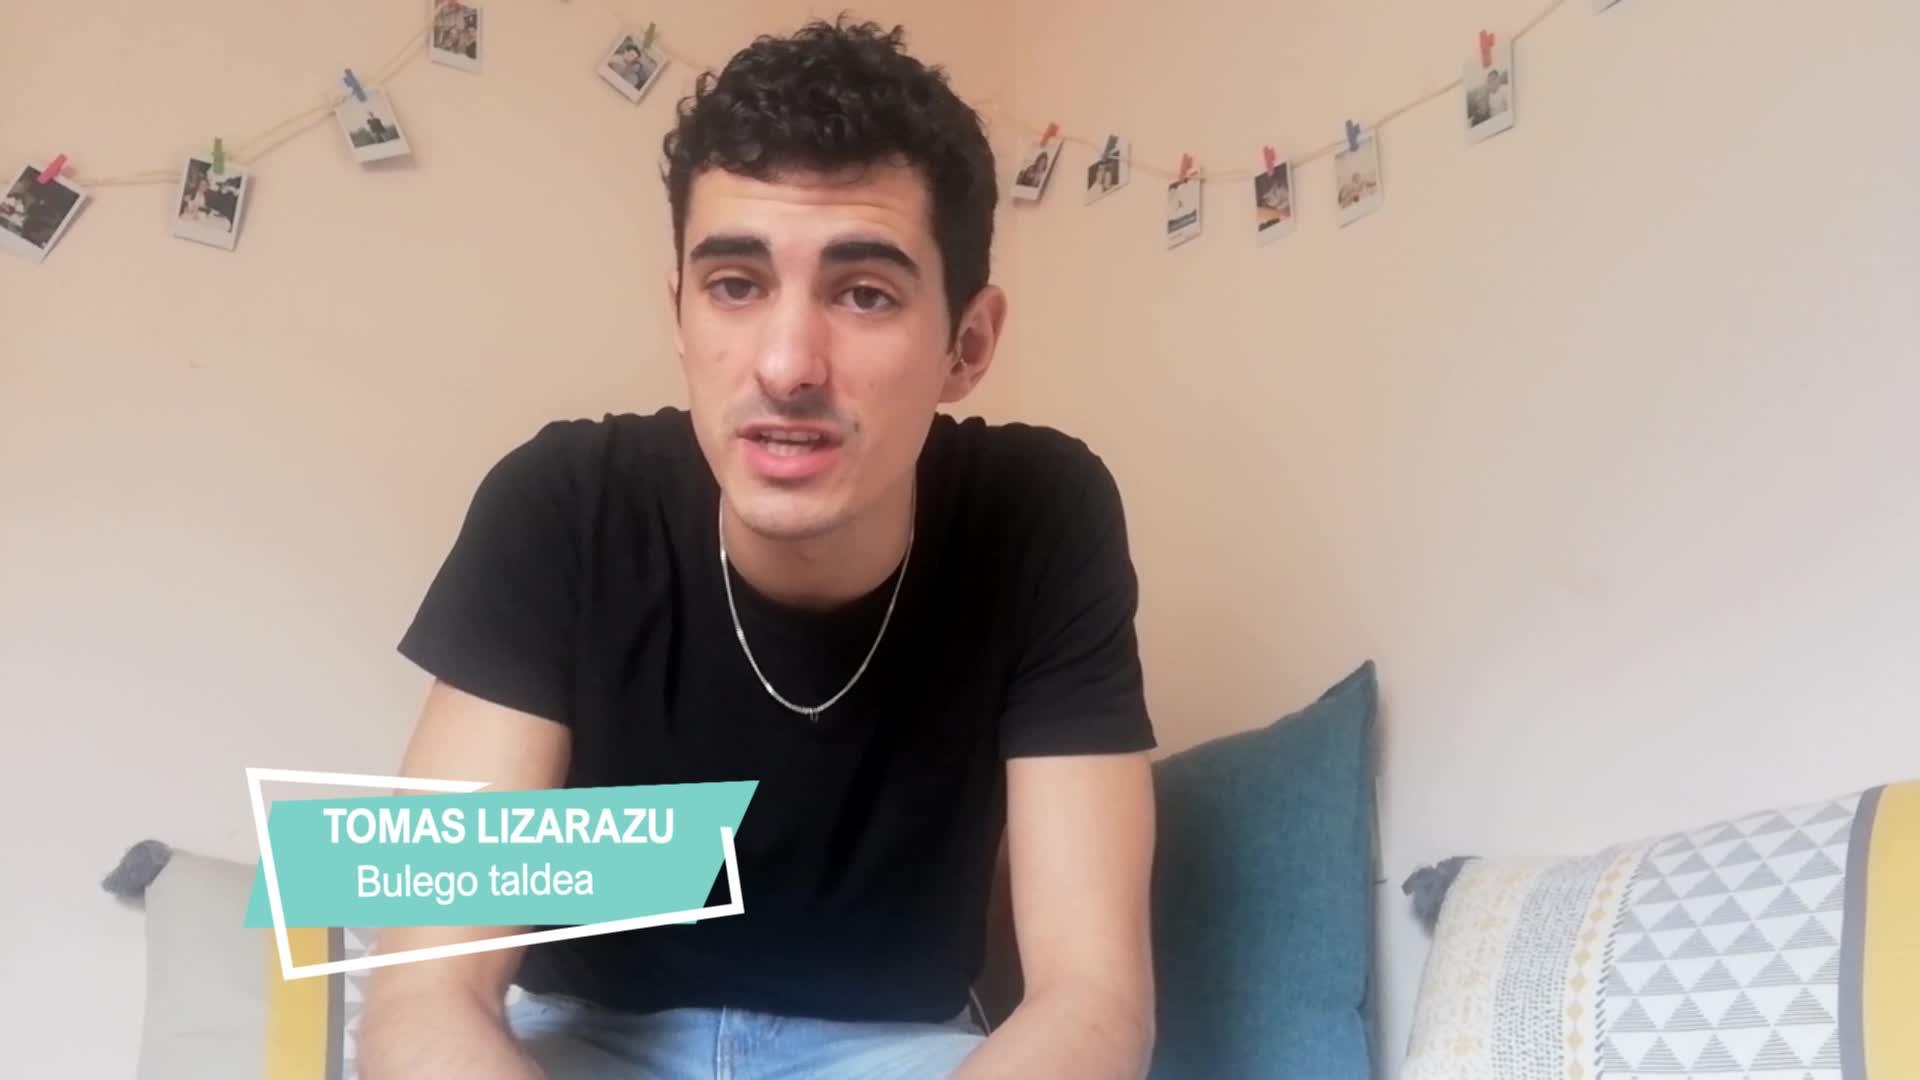 Tomas Lizarazu, etxetik mundura